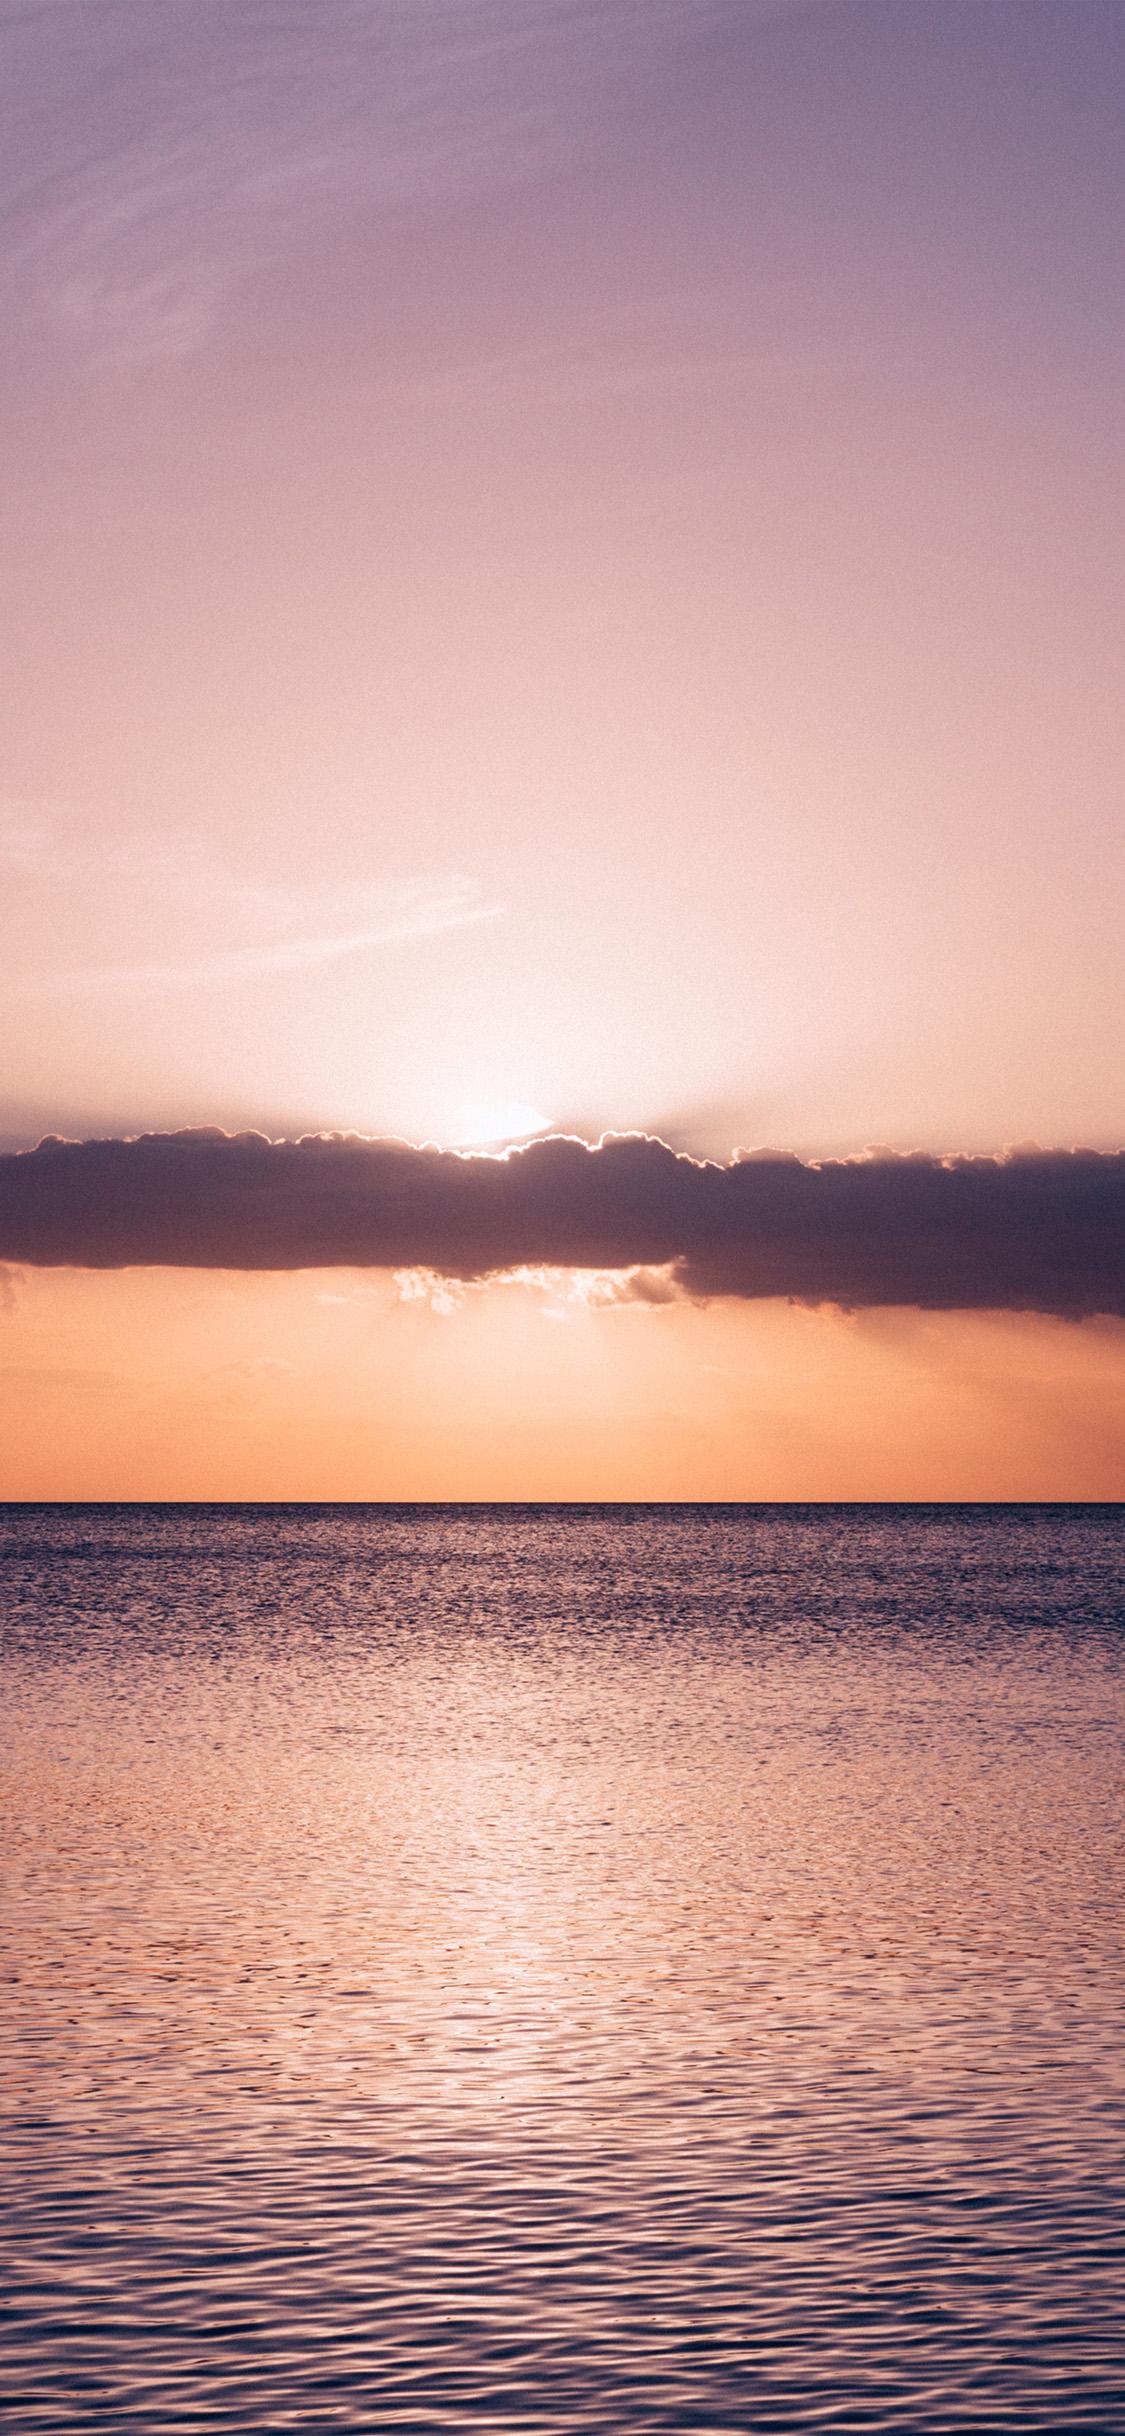 Iphone X - Sea Beach Wallpaper Iphone Sunset , HD Wallpaper & Backgrounds